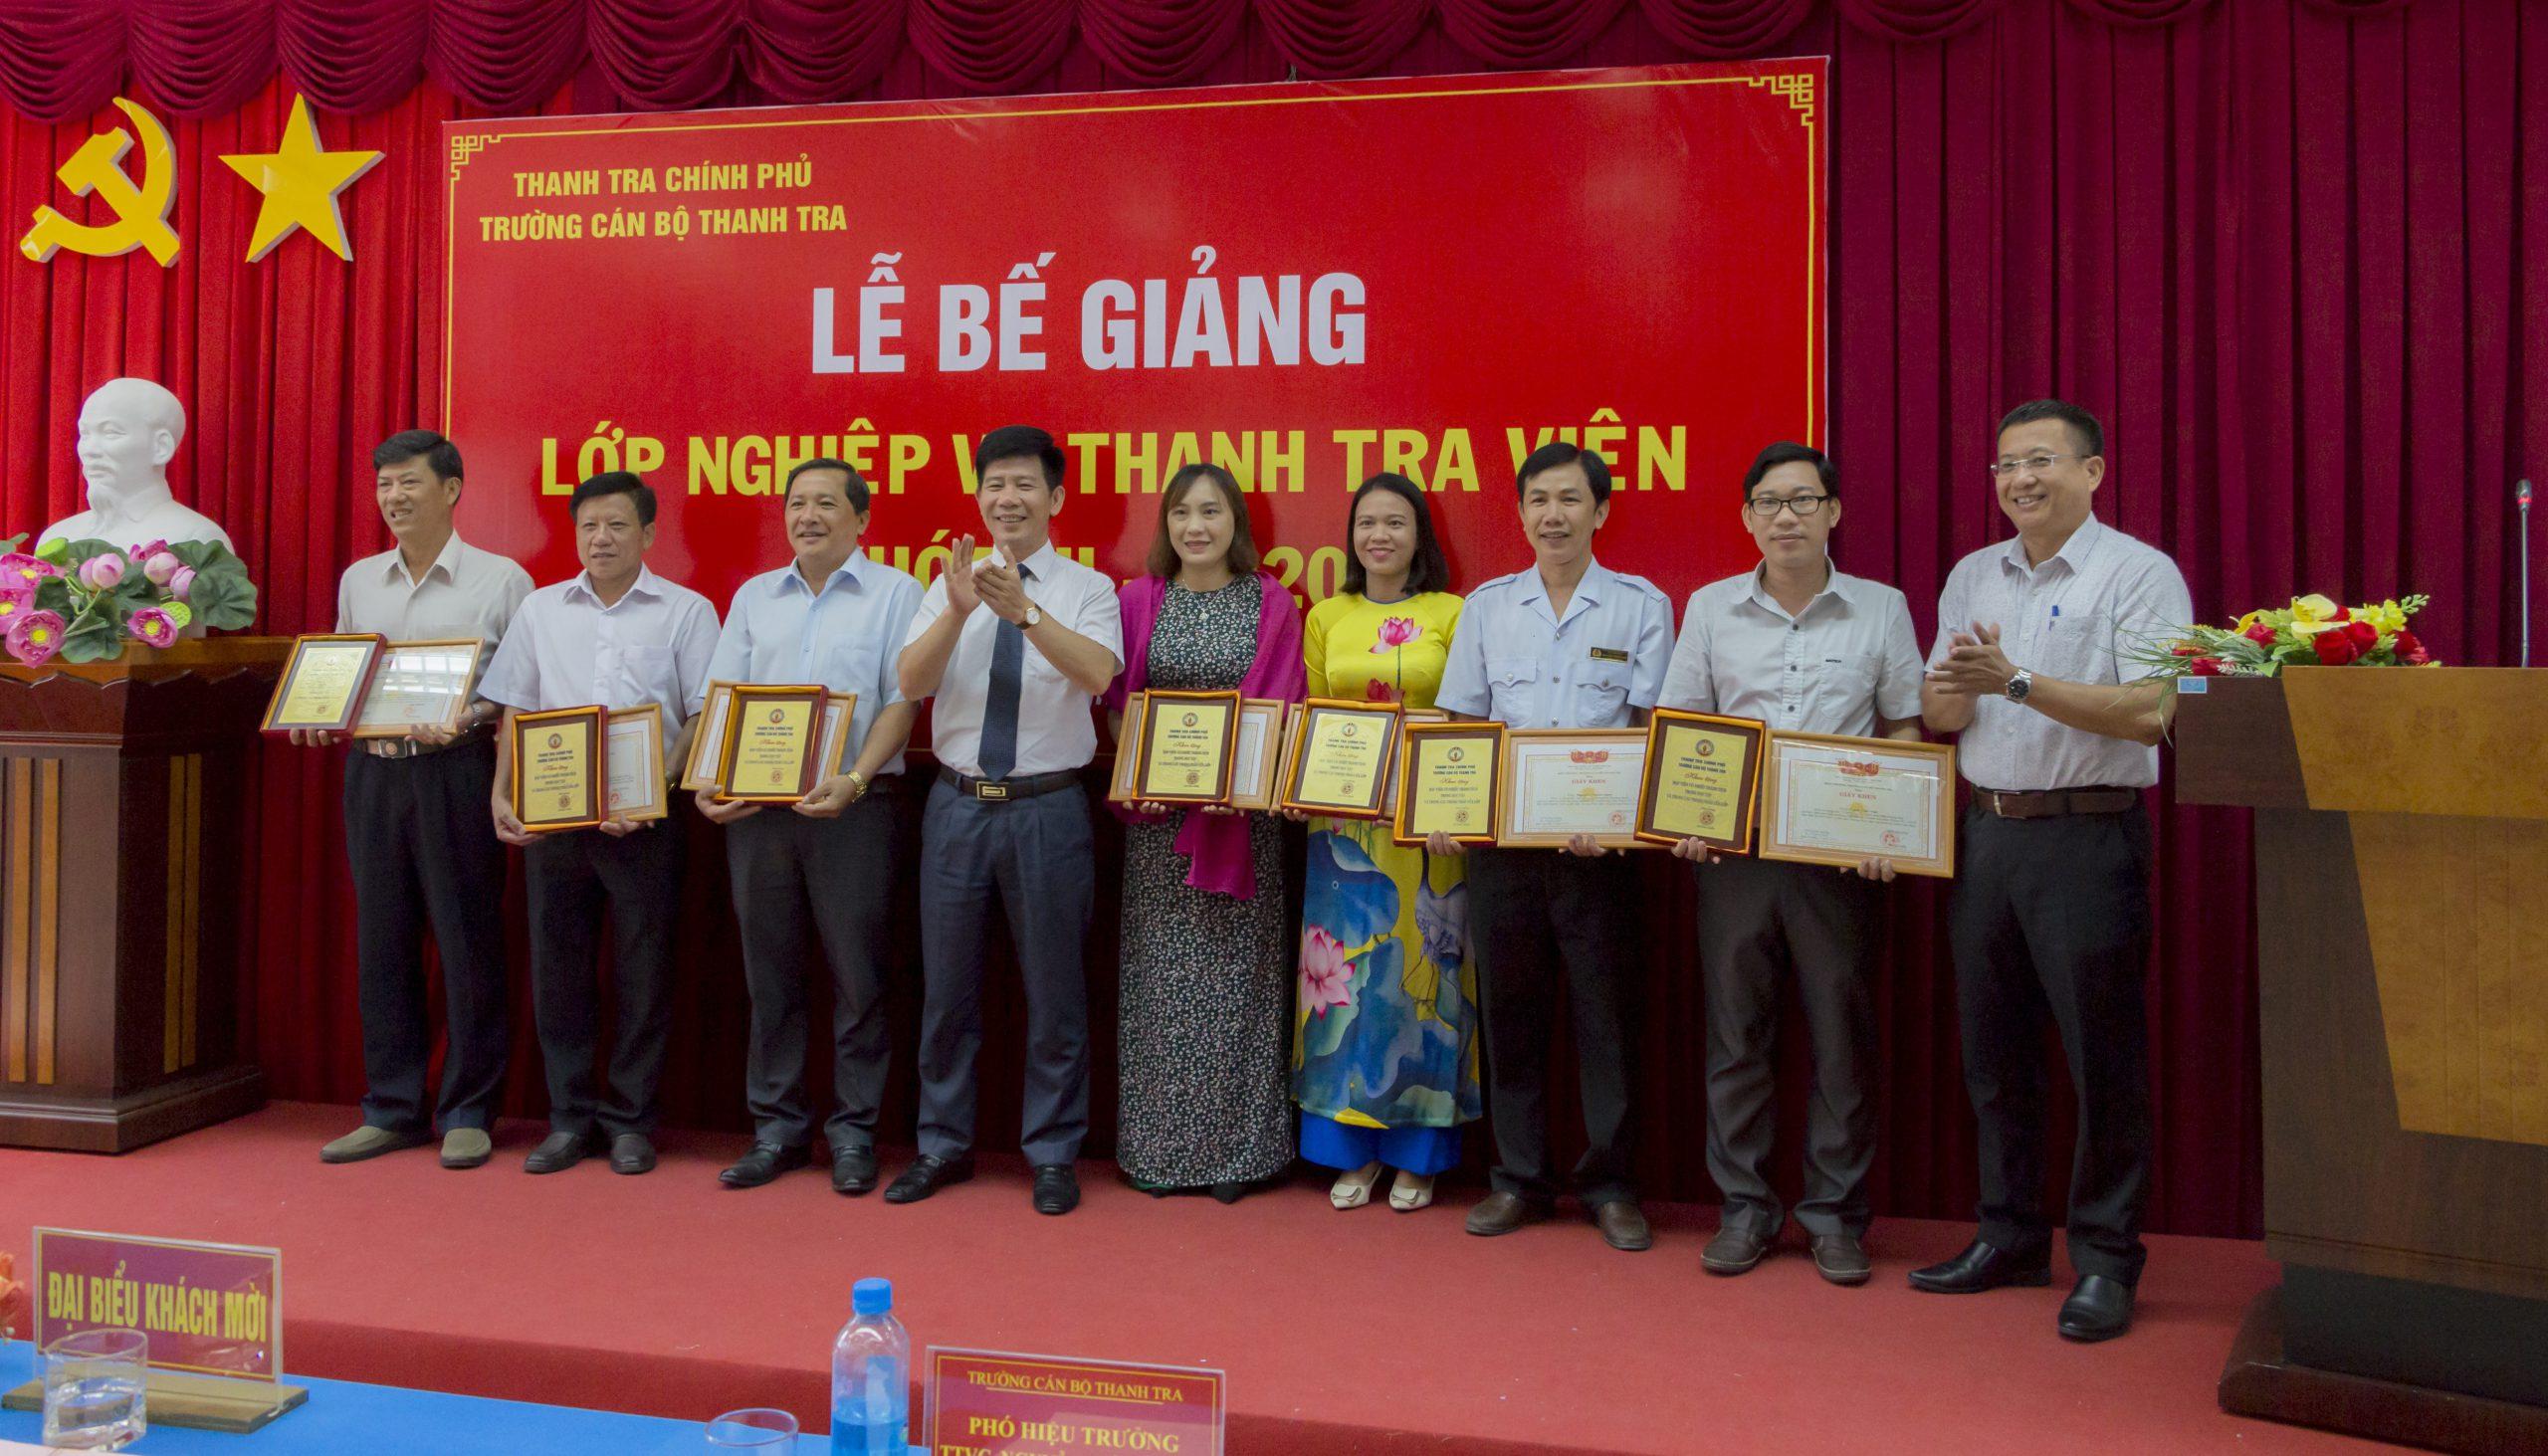 Ông Nguyễn Viết Thạch TTVCC Phó Hiệu trưởng Trg CBTT trao giấy khen cho học viên